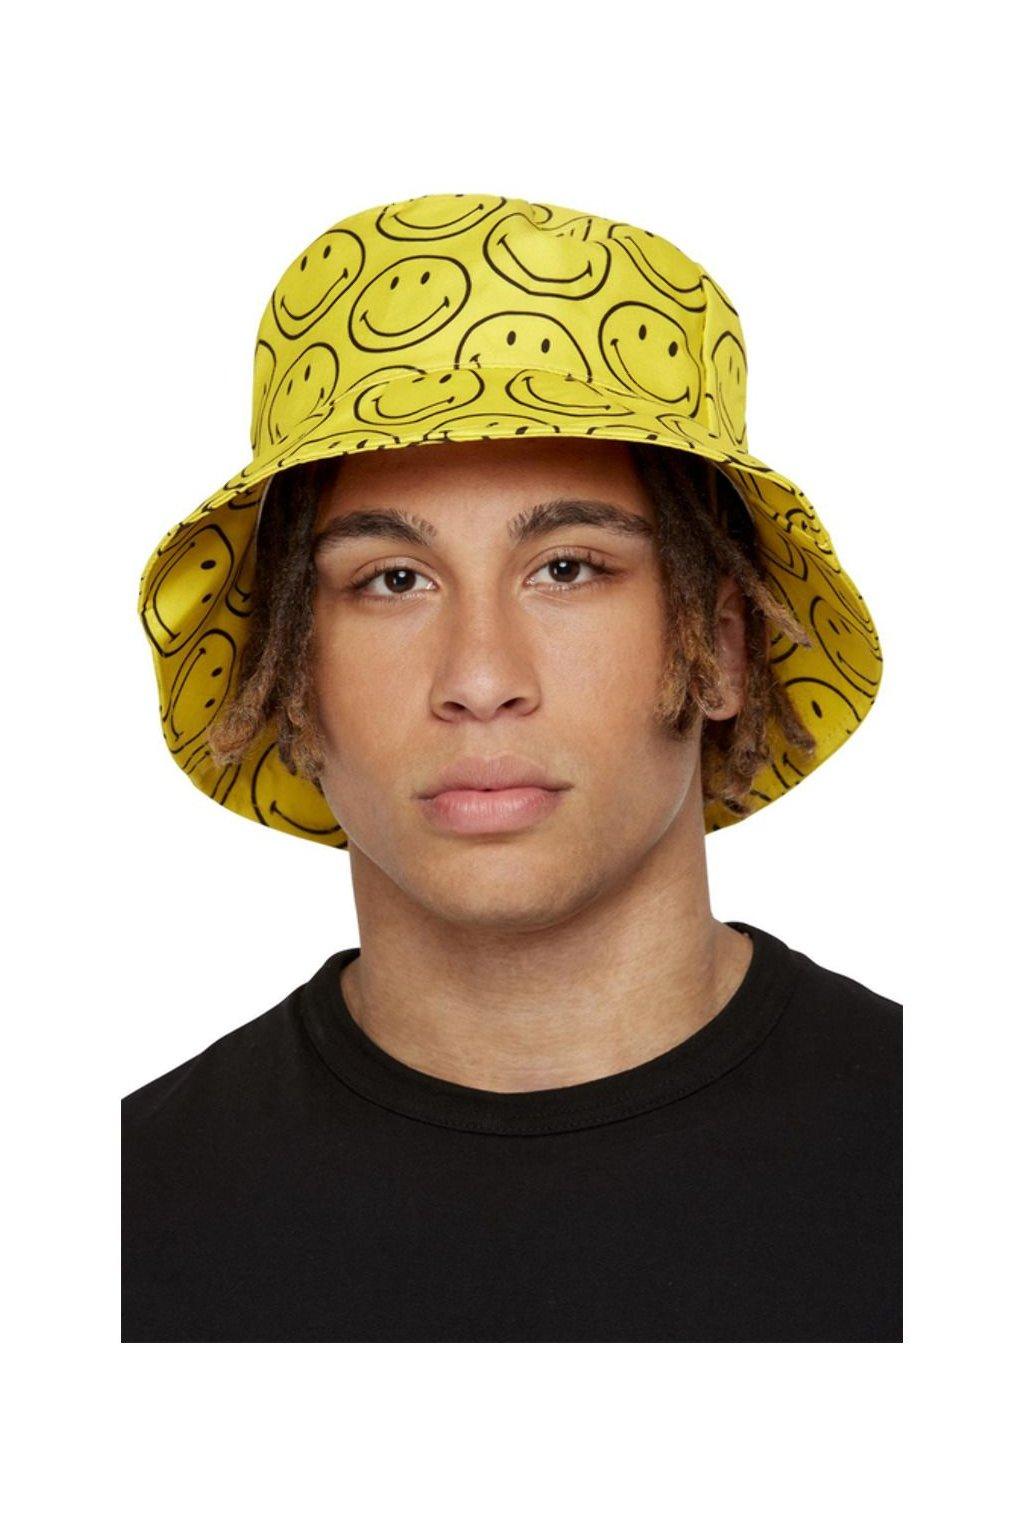 Žlutý klobouk se smajlíky - Bucket Hat originál Smiley